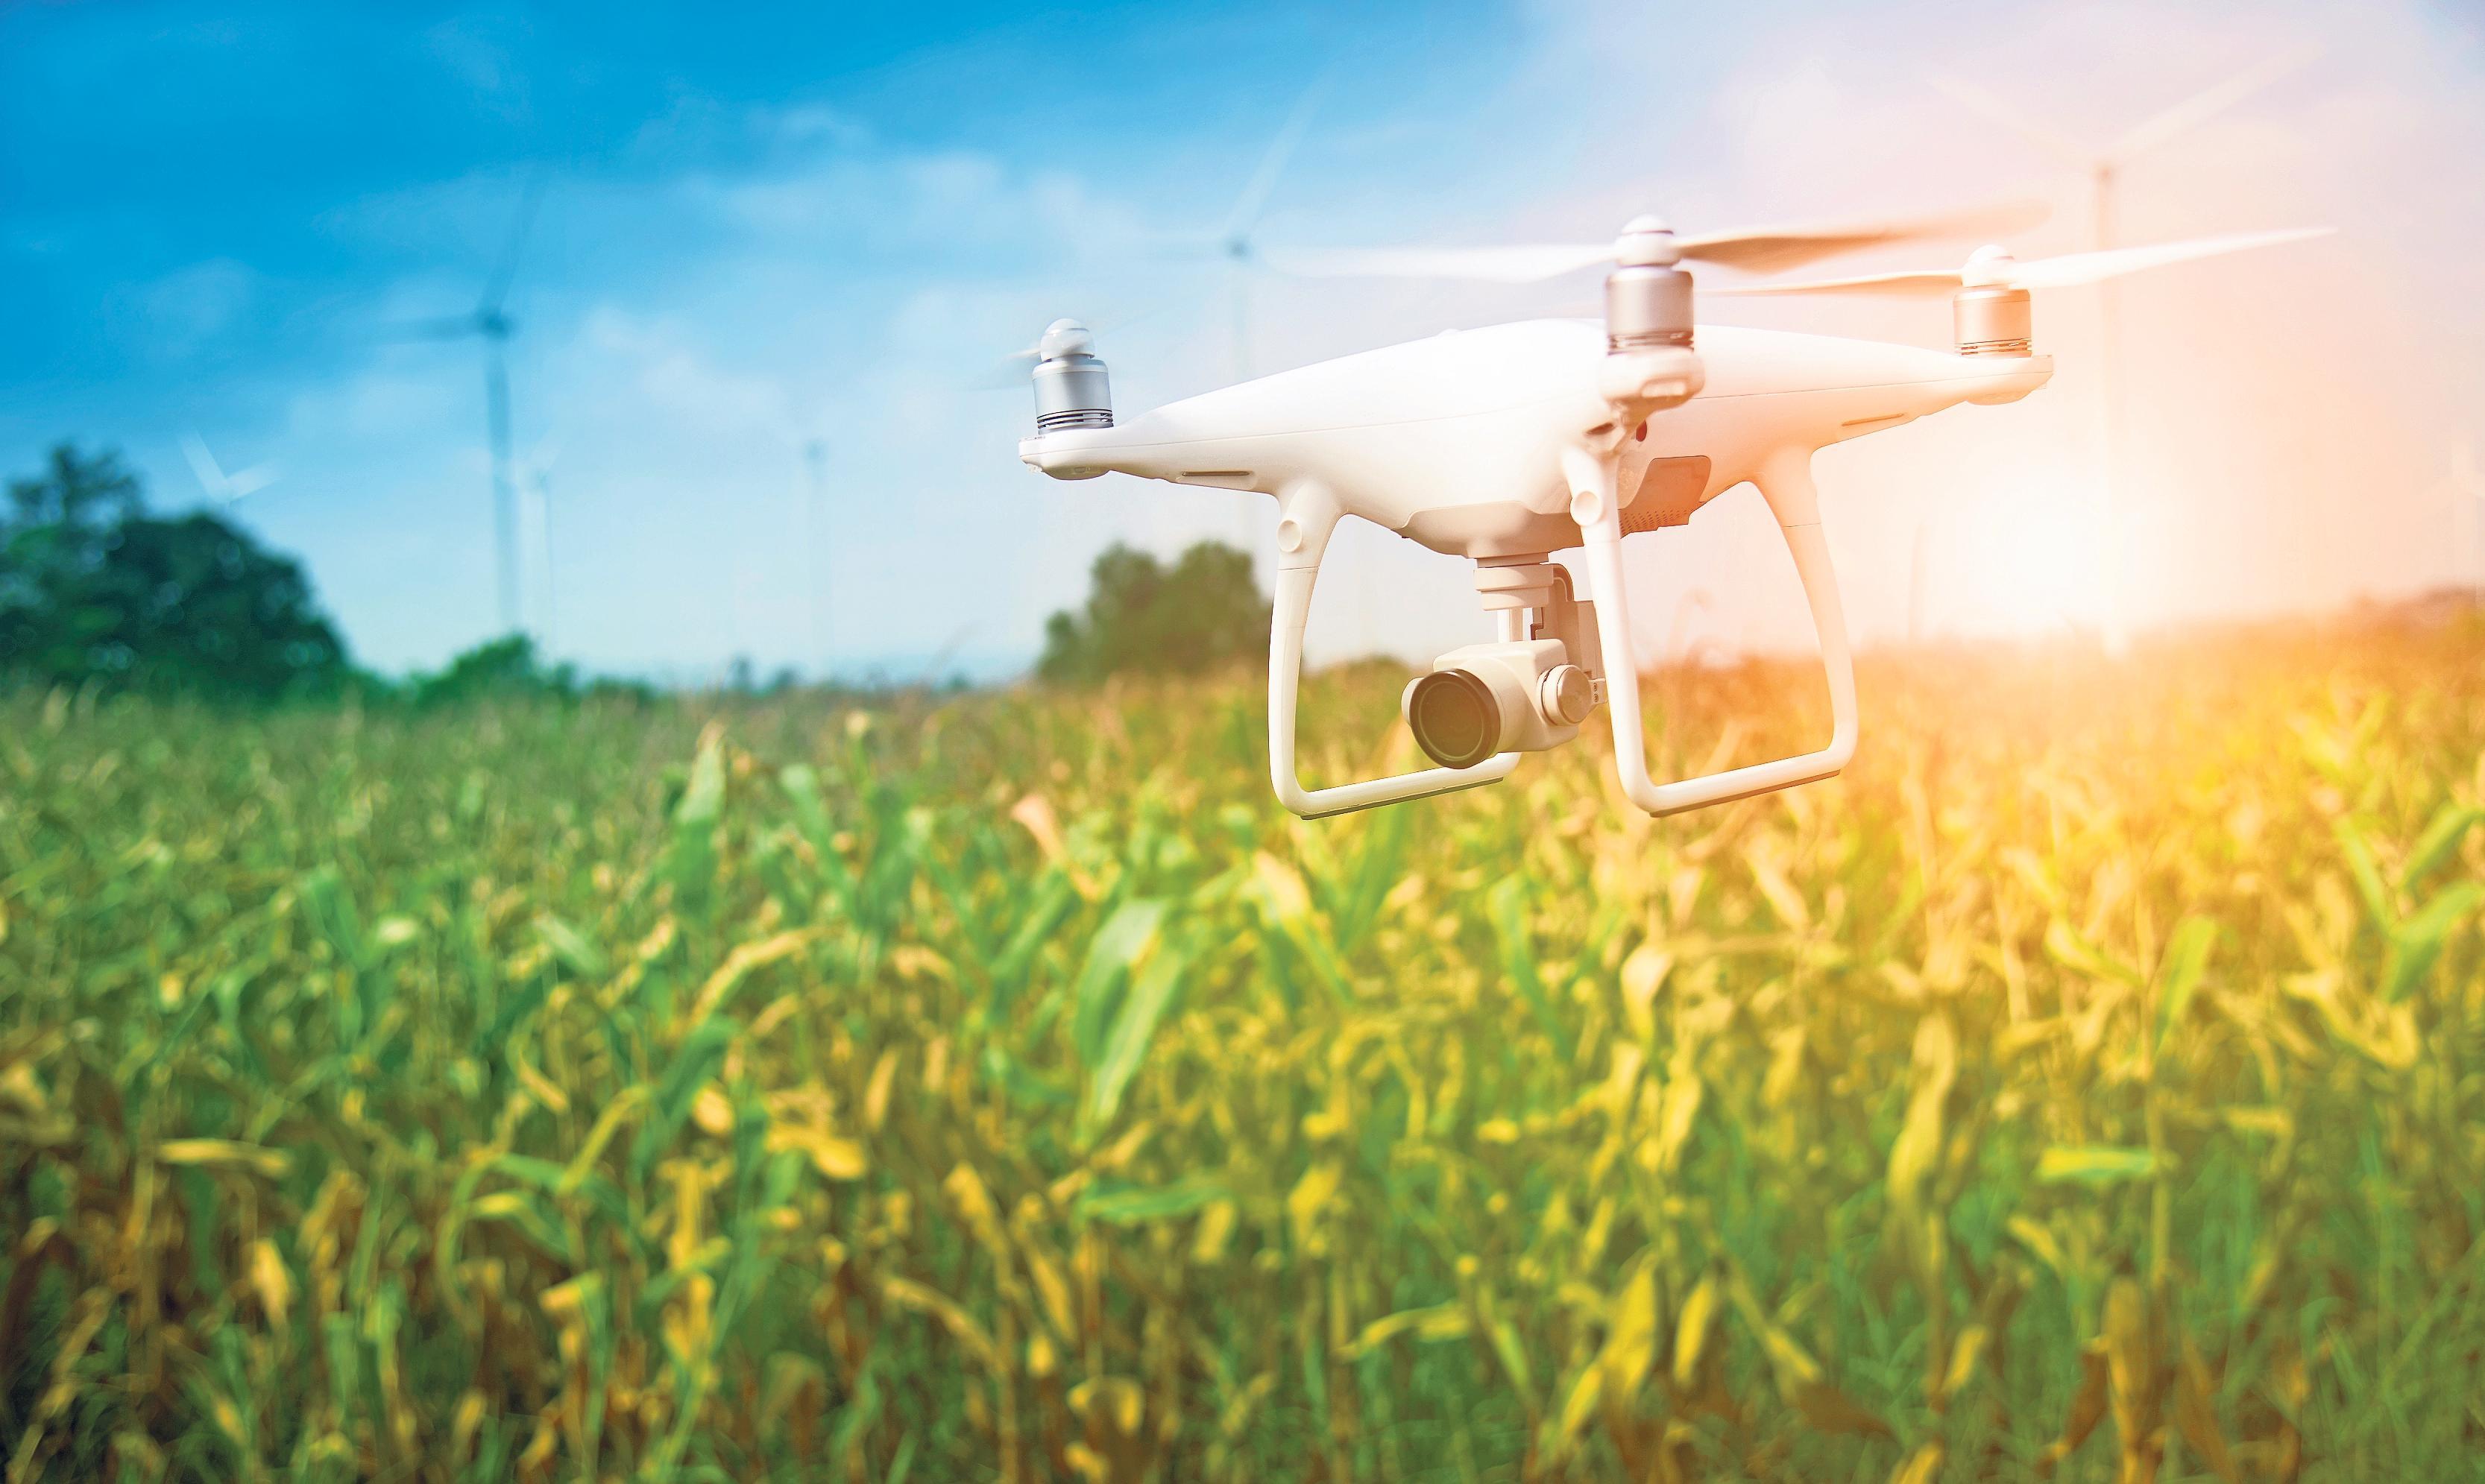 Vor der Mahd werden die Felder mit einer Drohne überflogen, so lassen sich beispielsweise Rehkitze frühzeitig lokalisieren und retten. Foto: Thongsuk/adobe.stock.com